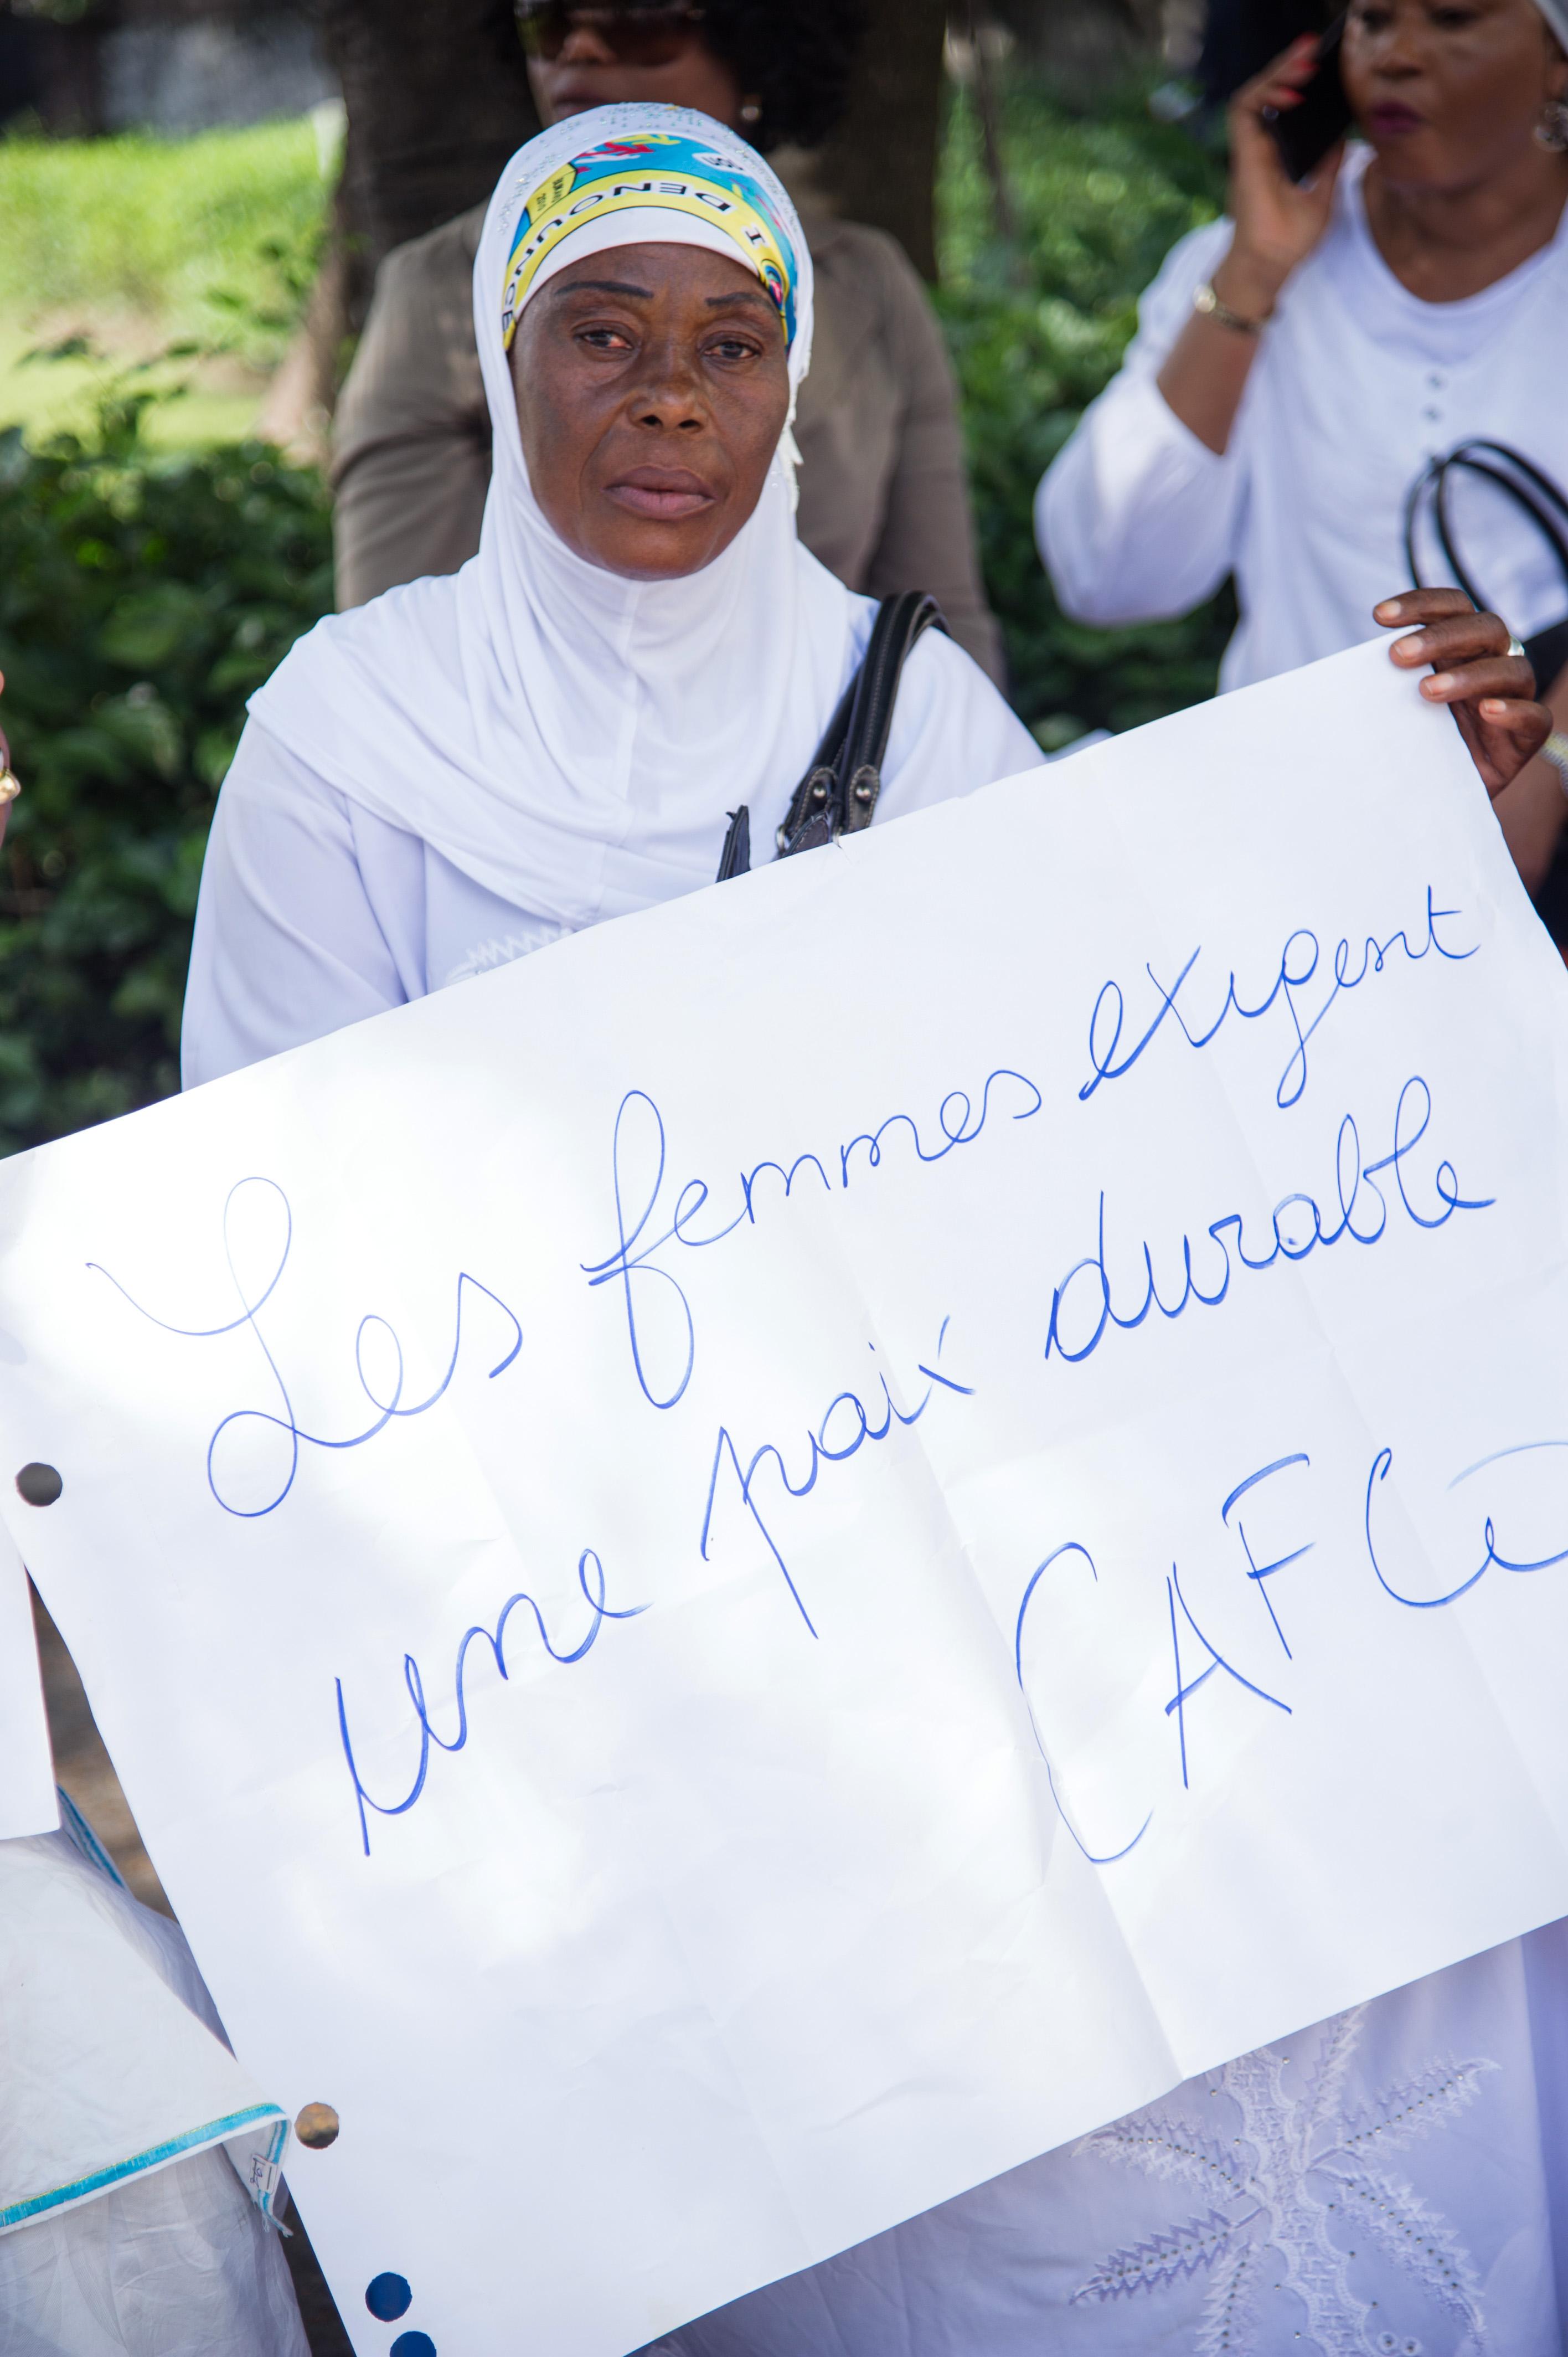 مظاهرة خارج مقر الاسقفية الكونغولية لبحث ازمة الرئاسية فى البلاد (1)